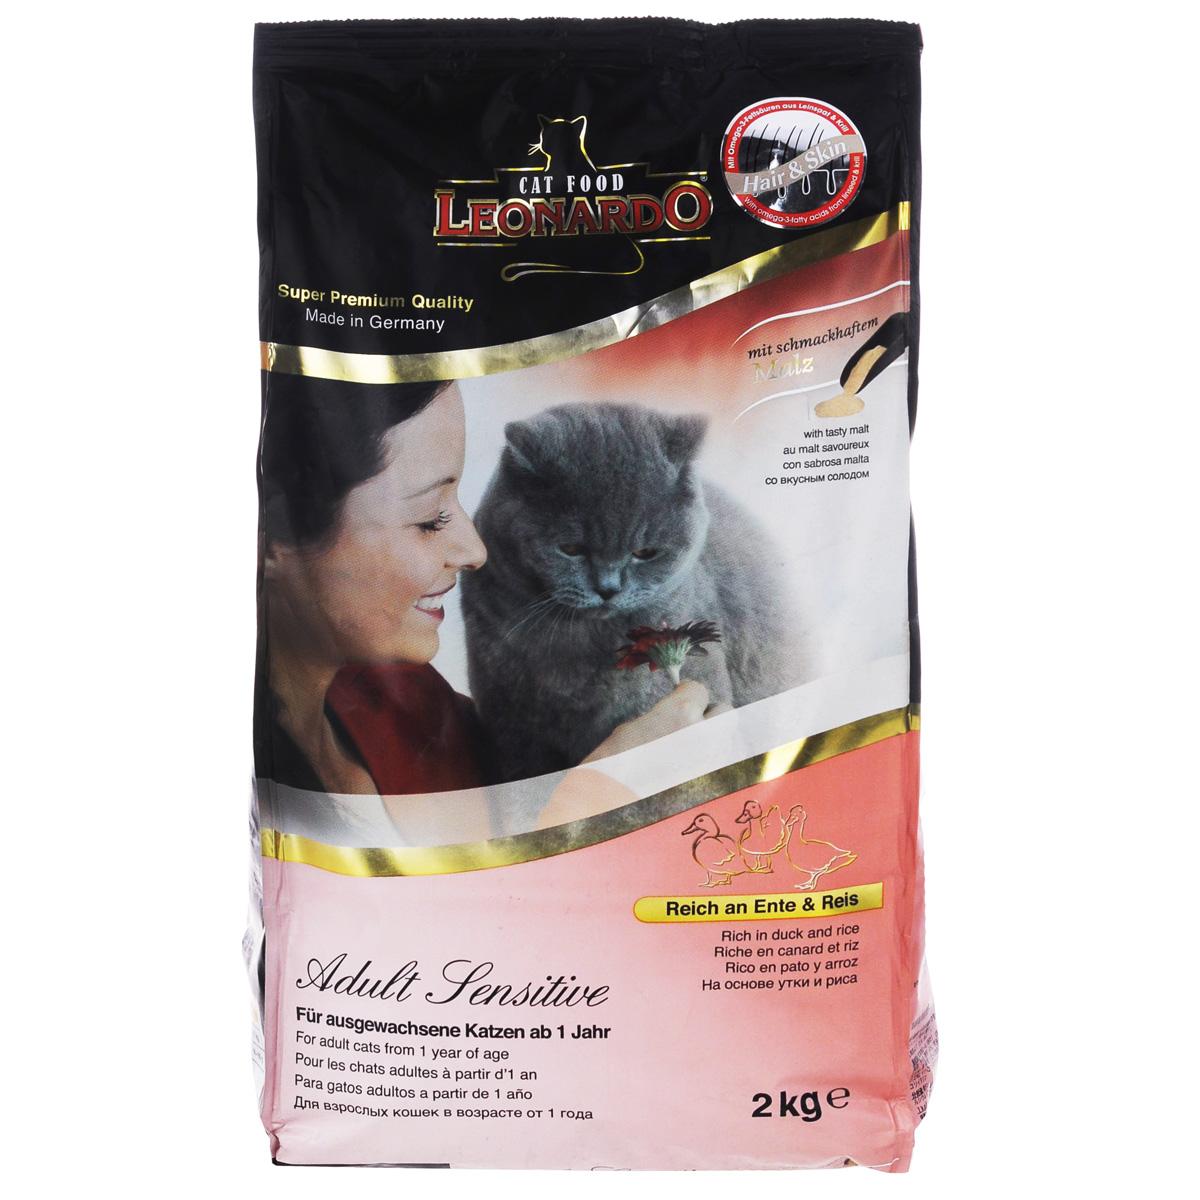 Корм сухой Leonardo Adult Sensetiv для взрослых кошек, с уткой и рисом, 2 кг19755Корм сухой Leonardo Adult Sensetiv на основе утки предназначен для привередливых кошек. Способствует выведению комочков шерсти из желудка и кишечника. Снижает образование зубного камня и зубного налета. Корм обладает профилактикой мочекаменной болезни и подходит для кастрированных/стерилизованных котов и кошек. Состав: сухое мясо птицы пониженной зольности (30%; из них утка 20%); рис (25%); жир домашней птицы; рожь; солод (4%); картофельный крахмал; криль (2,5%); яйцо сушеное; сухие пивные дрожжи; гидролизат печени птицы; мука сельди; вытяжка из виноградной косточки (1,5%); высушенный цареградский стручок; льняное семя (1,1%); мука индийского растения; поваренная соль; инулин. Анализ: протеин 32 %, жир: 20 %, клетчатка 1,9 %, зола: 7,5%, витамин А: 15,000 МЕ/кг, витамин Е: 150 мг/кг, витамин D3:1500 МЕ/кг, кальций: 1%, фосфор: 0,9 %. Товар сертифицирован.